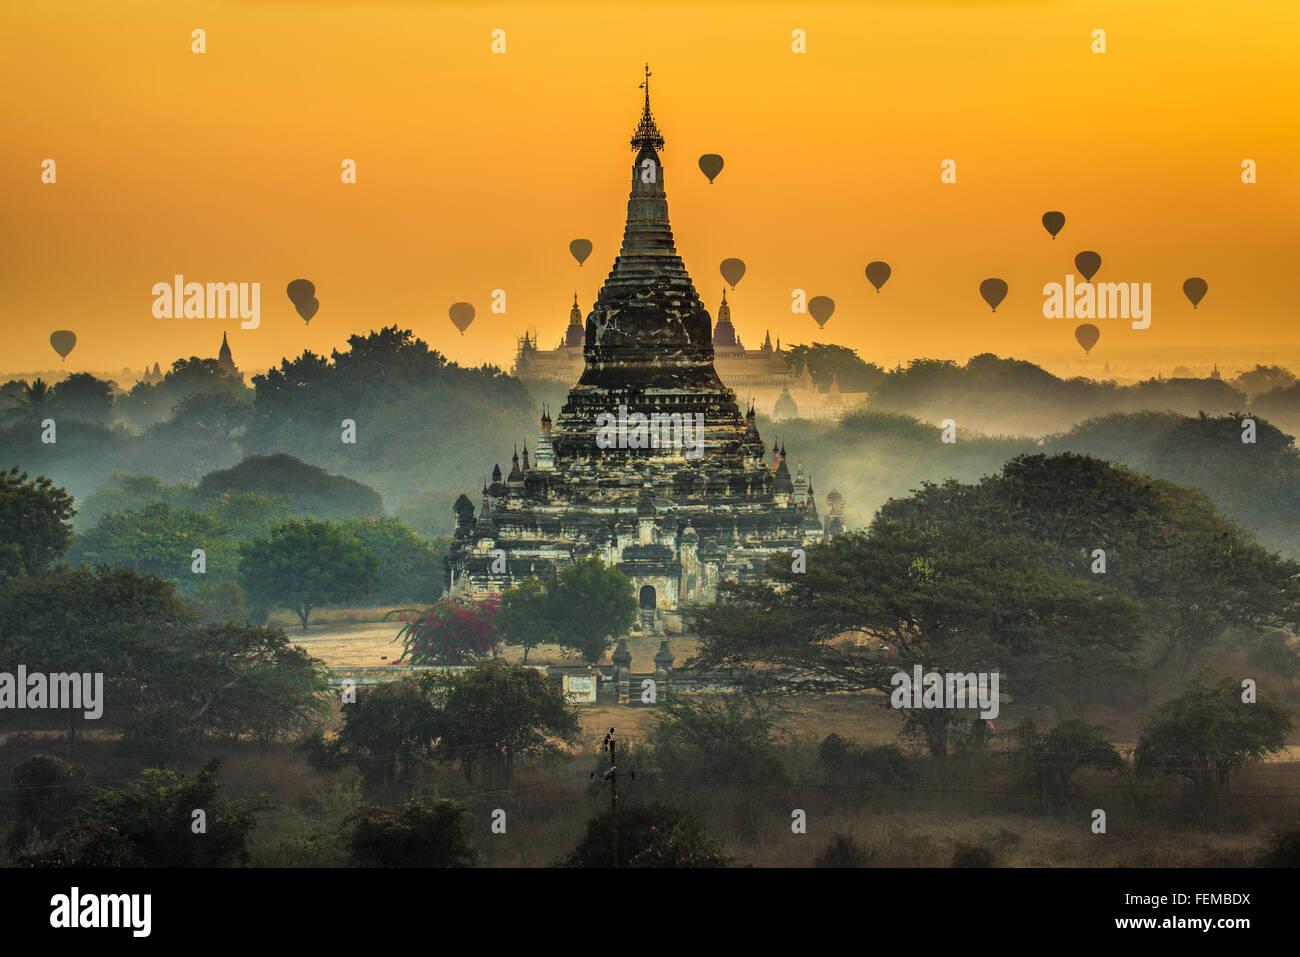 Scenic amanecer con muchos globos de aire caliente por encima de bagan en Myanmar Imagen De Stock